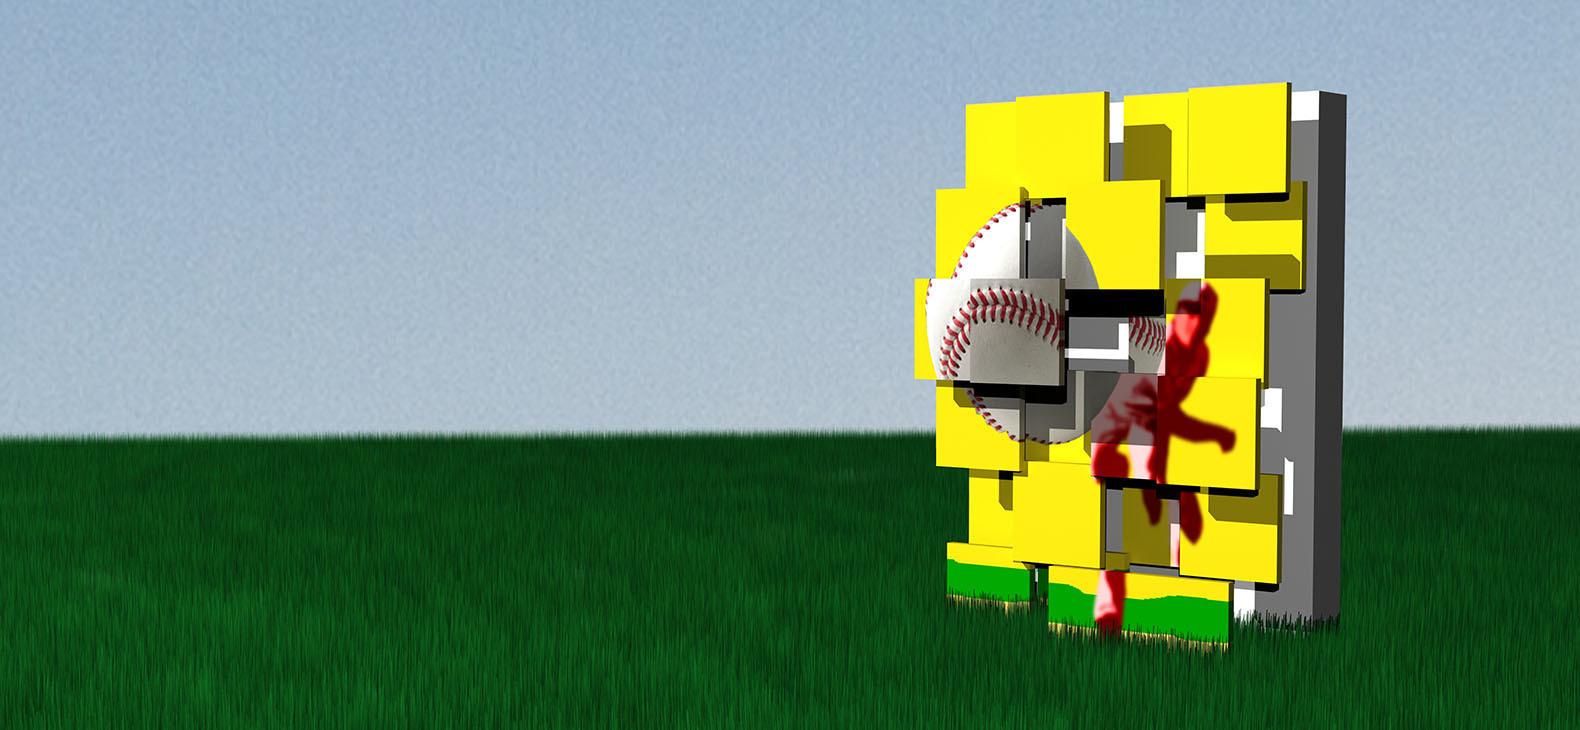 Tomasz Drewicz: Home Run (sketch)